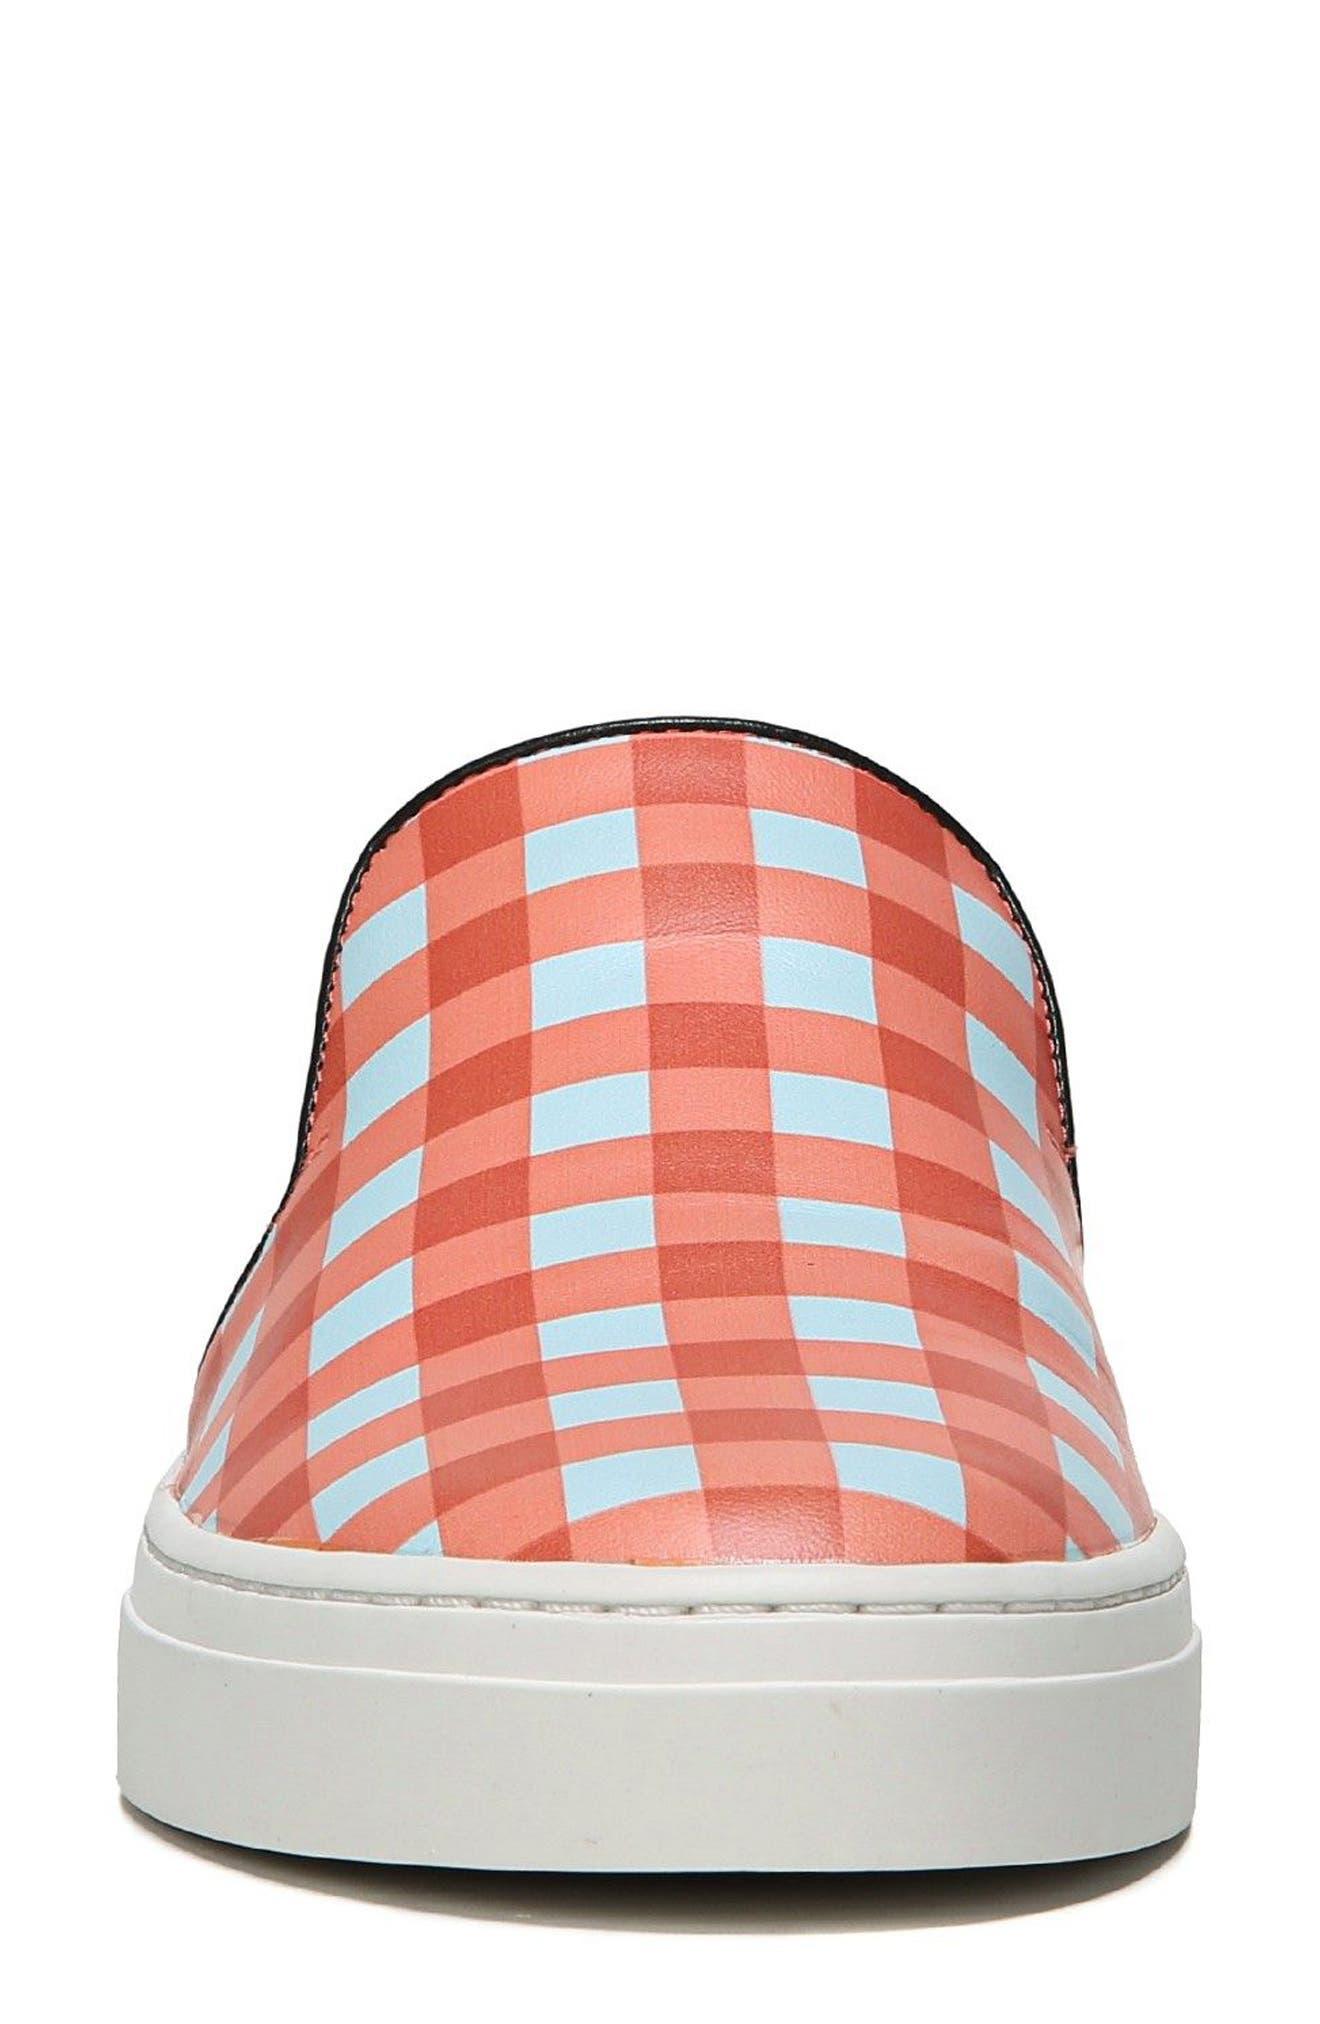 Budapest Slip-On Sneaker,                             Alternate thumbnail 4, color,                             Bold Red/ Black